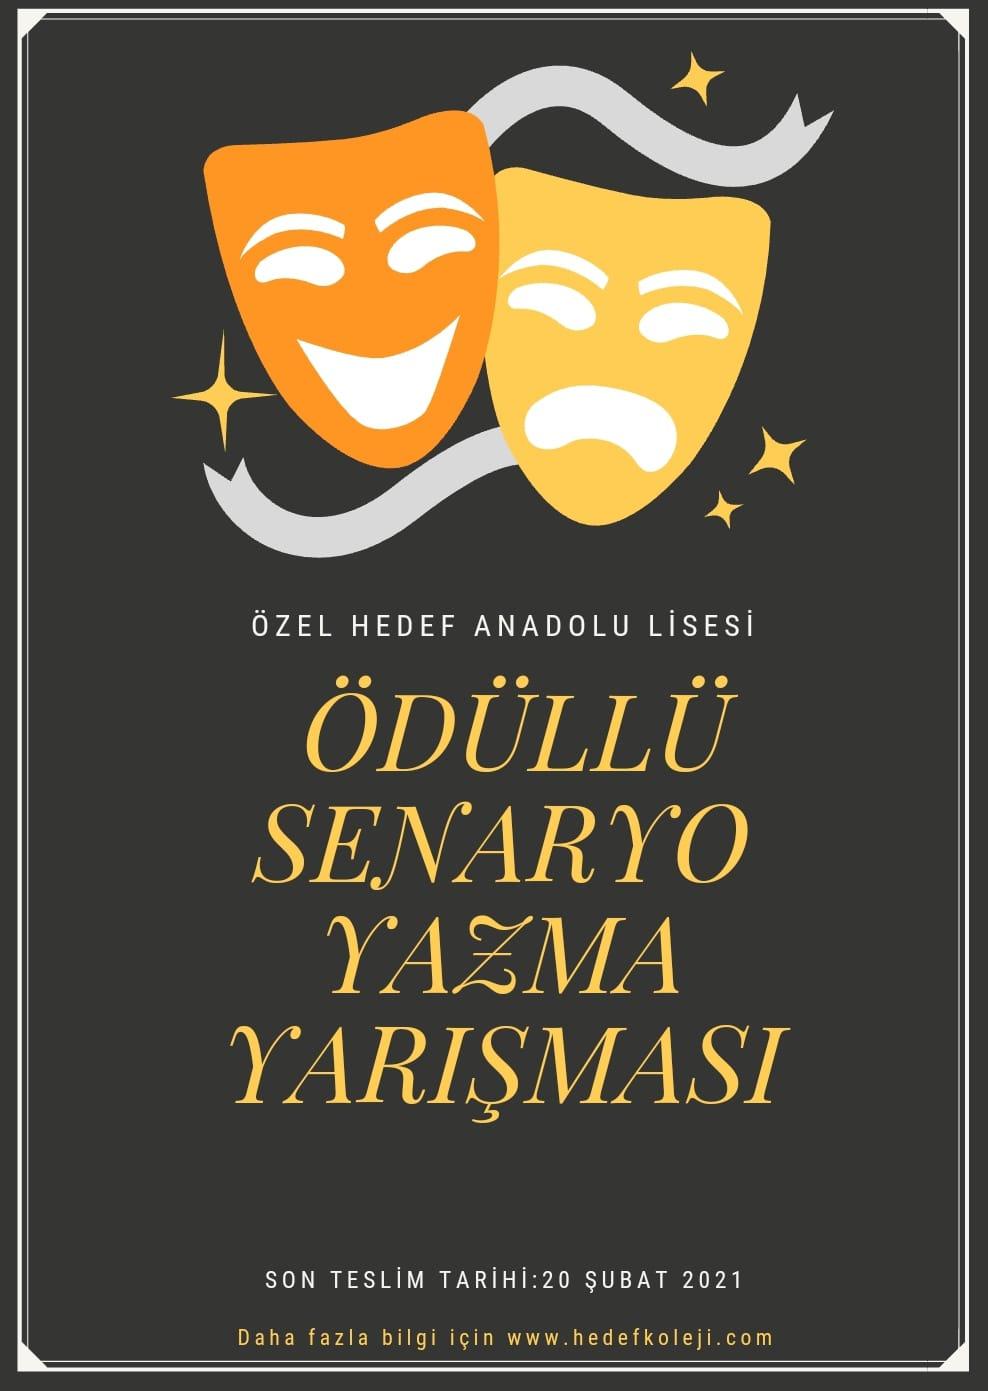 Hedef Anadolu Lisesi Senaryo Yazma Yarışması Düzenliyor !